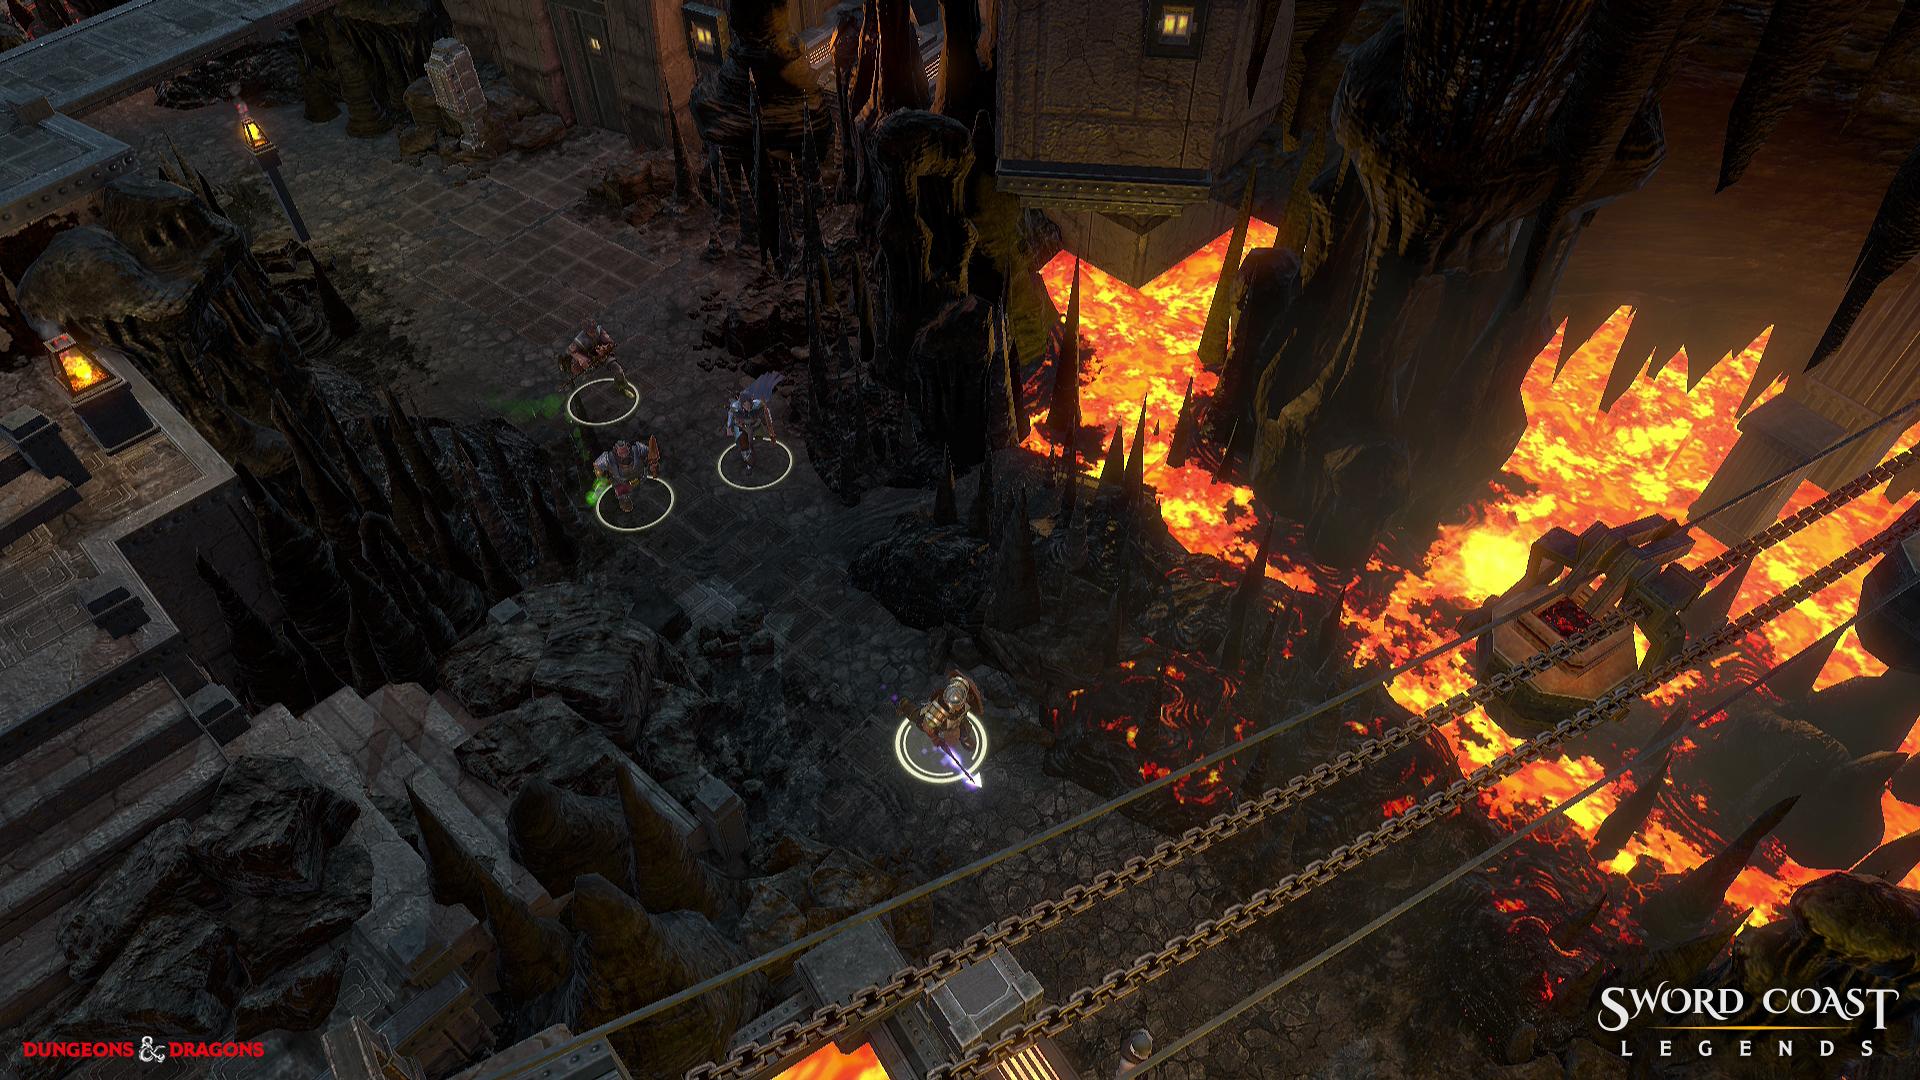 Sword Coast Legends: Rage of Demons Screenshot 2